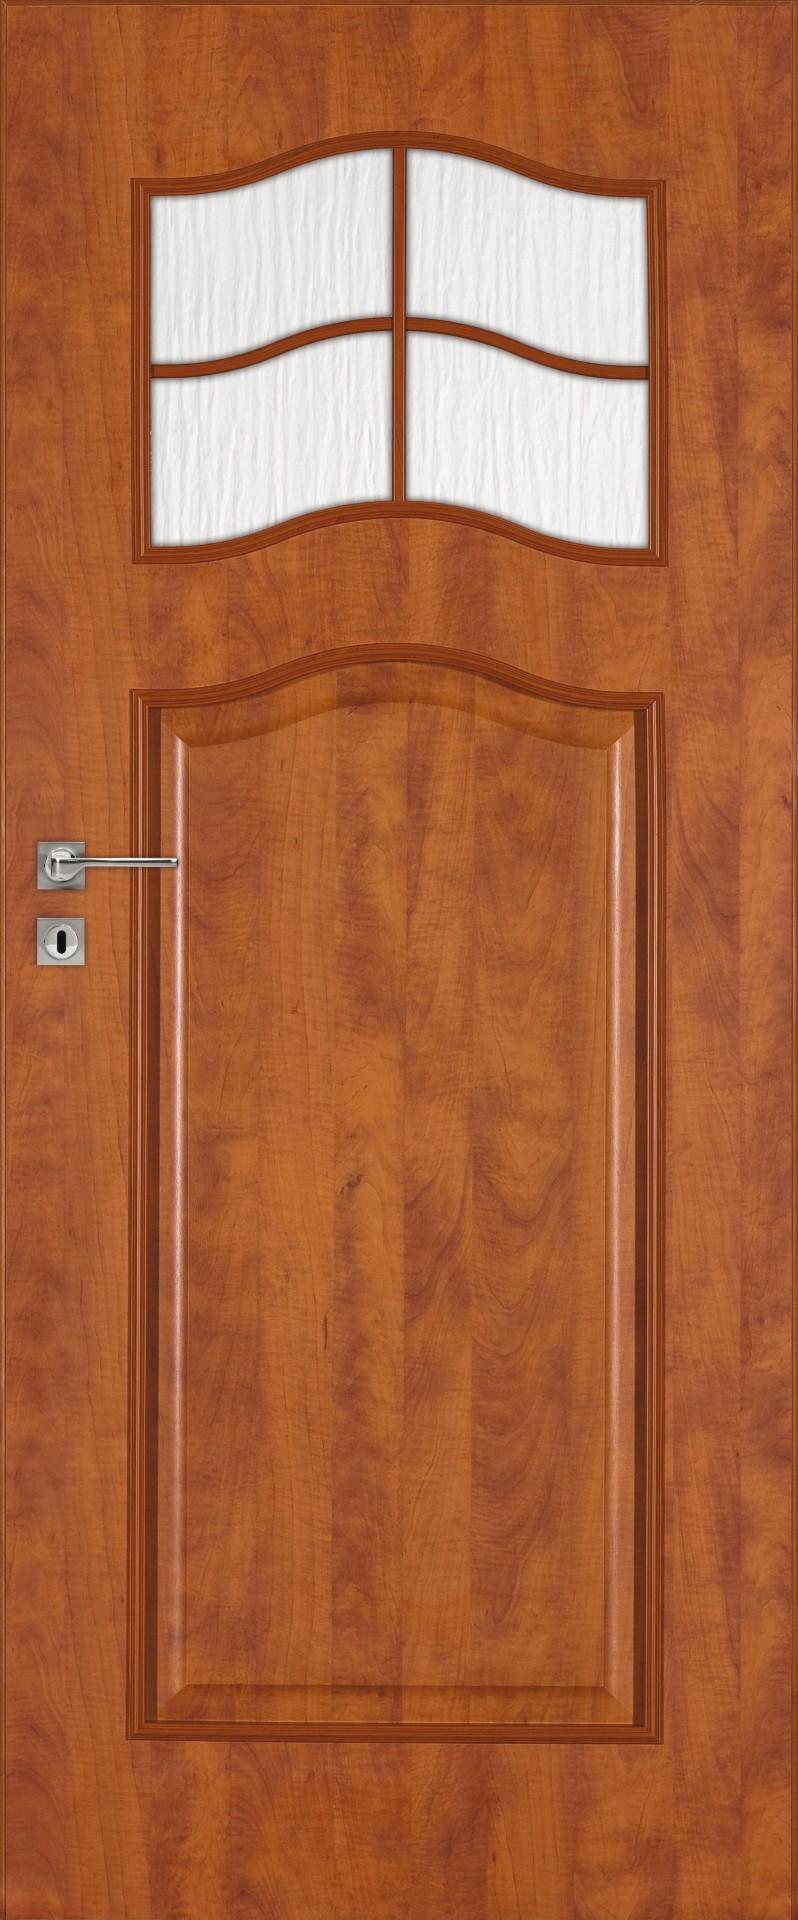 Dre dveře Classic 20s, Šíře v cm 90